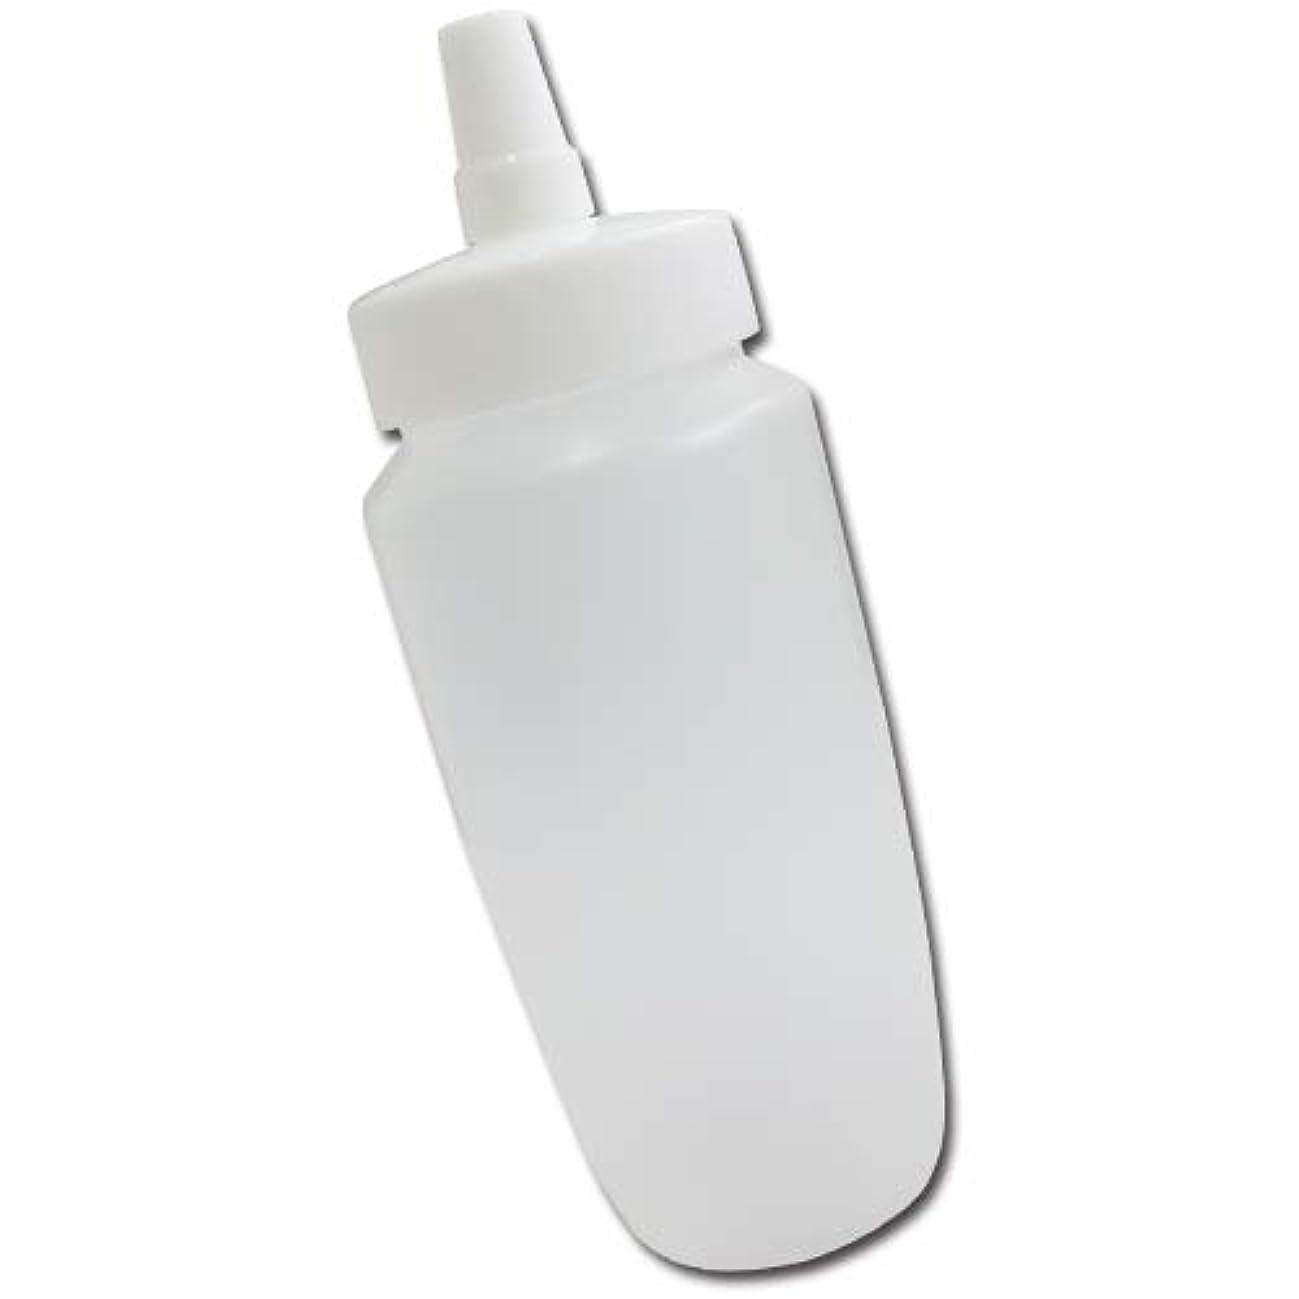 フライカイトいっぱいバンクはちみつ容器360ml(ホワイトキャップ)│業務用ローションや調味料の小分けに詰め替え用ハチミツ容器(蜂蜜容器)はちみつボトル